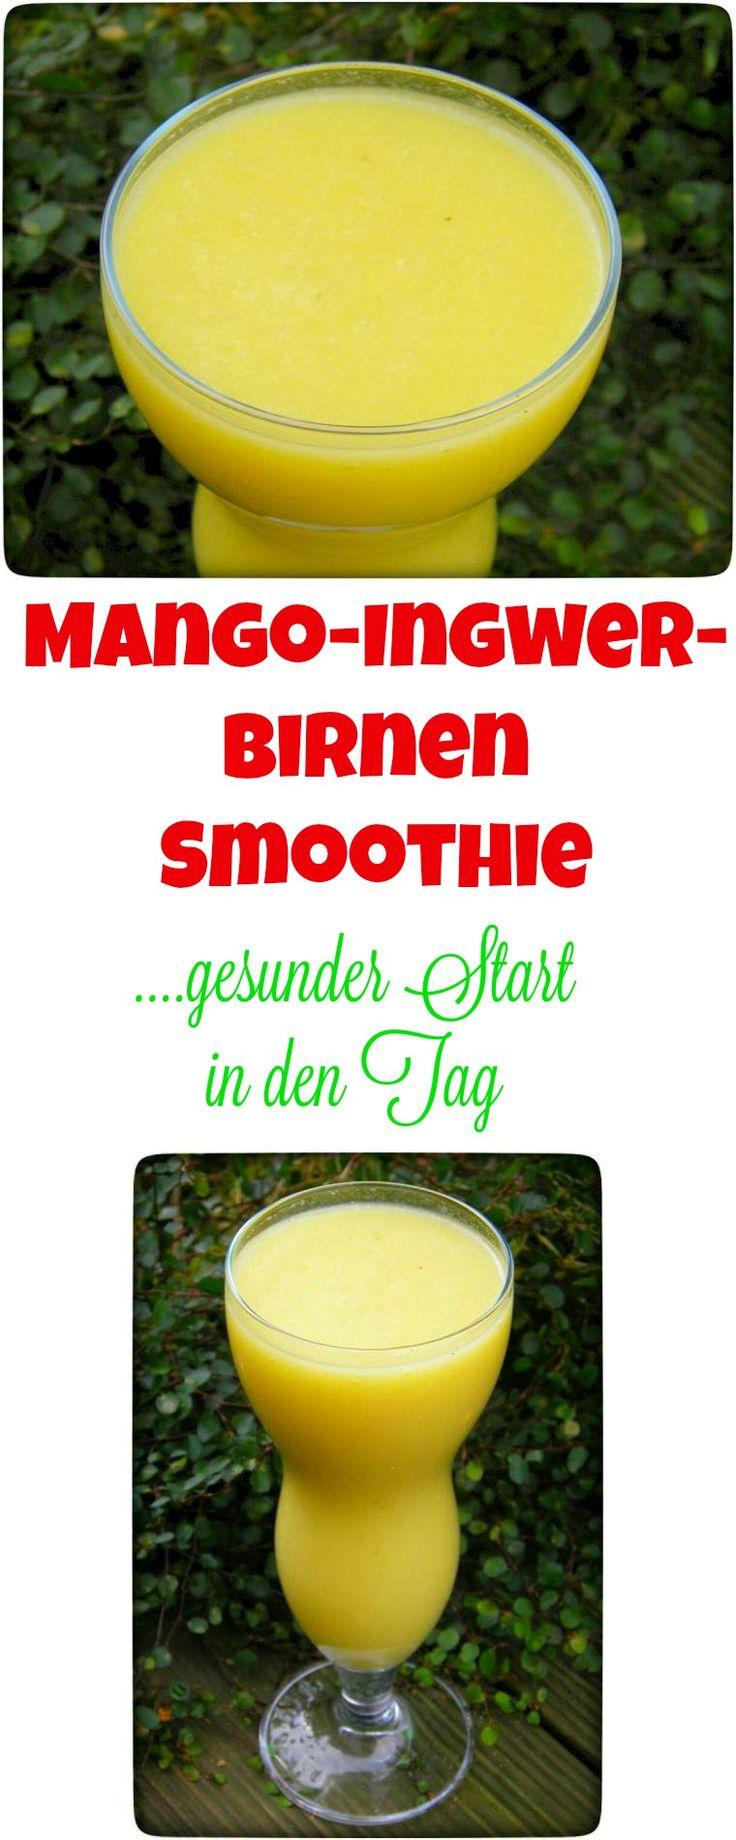 Heute morgen habe ich mir schnell einen Mango-Ingwer-Birnen Smoothie Smoothie gemixt. Ich freue mich, dass ich zur Zeit unsere leckeren regionalen Birnen mit meinen geliebten Mangos mixen kann. On top noch ein Stück scharfen Ingwer und schon hat man einen leckeren Guten Morgen Smoothie.